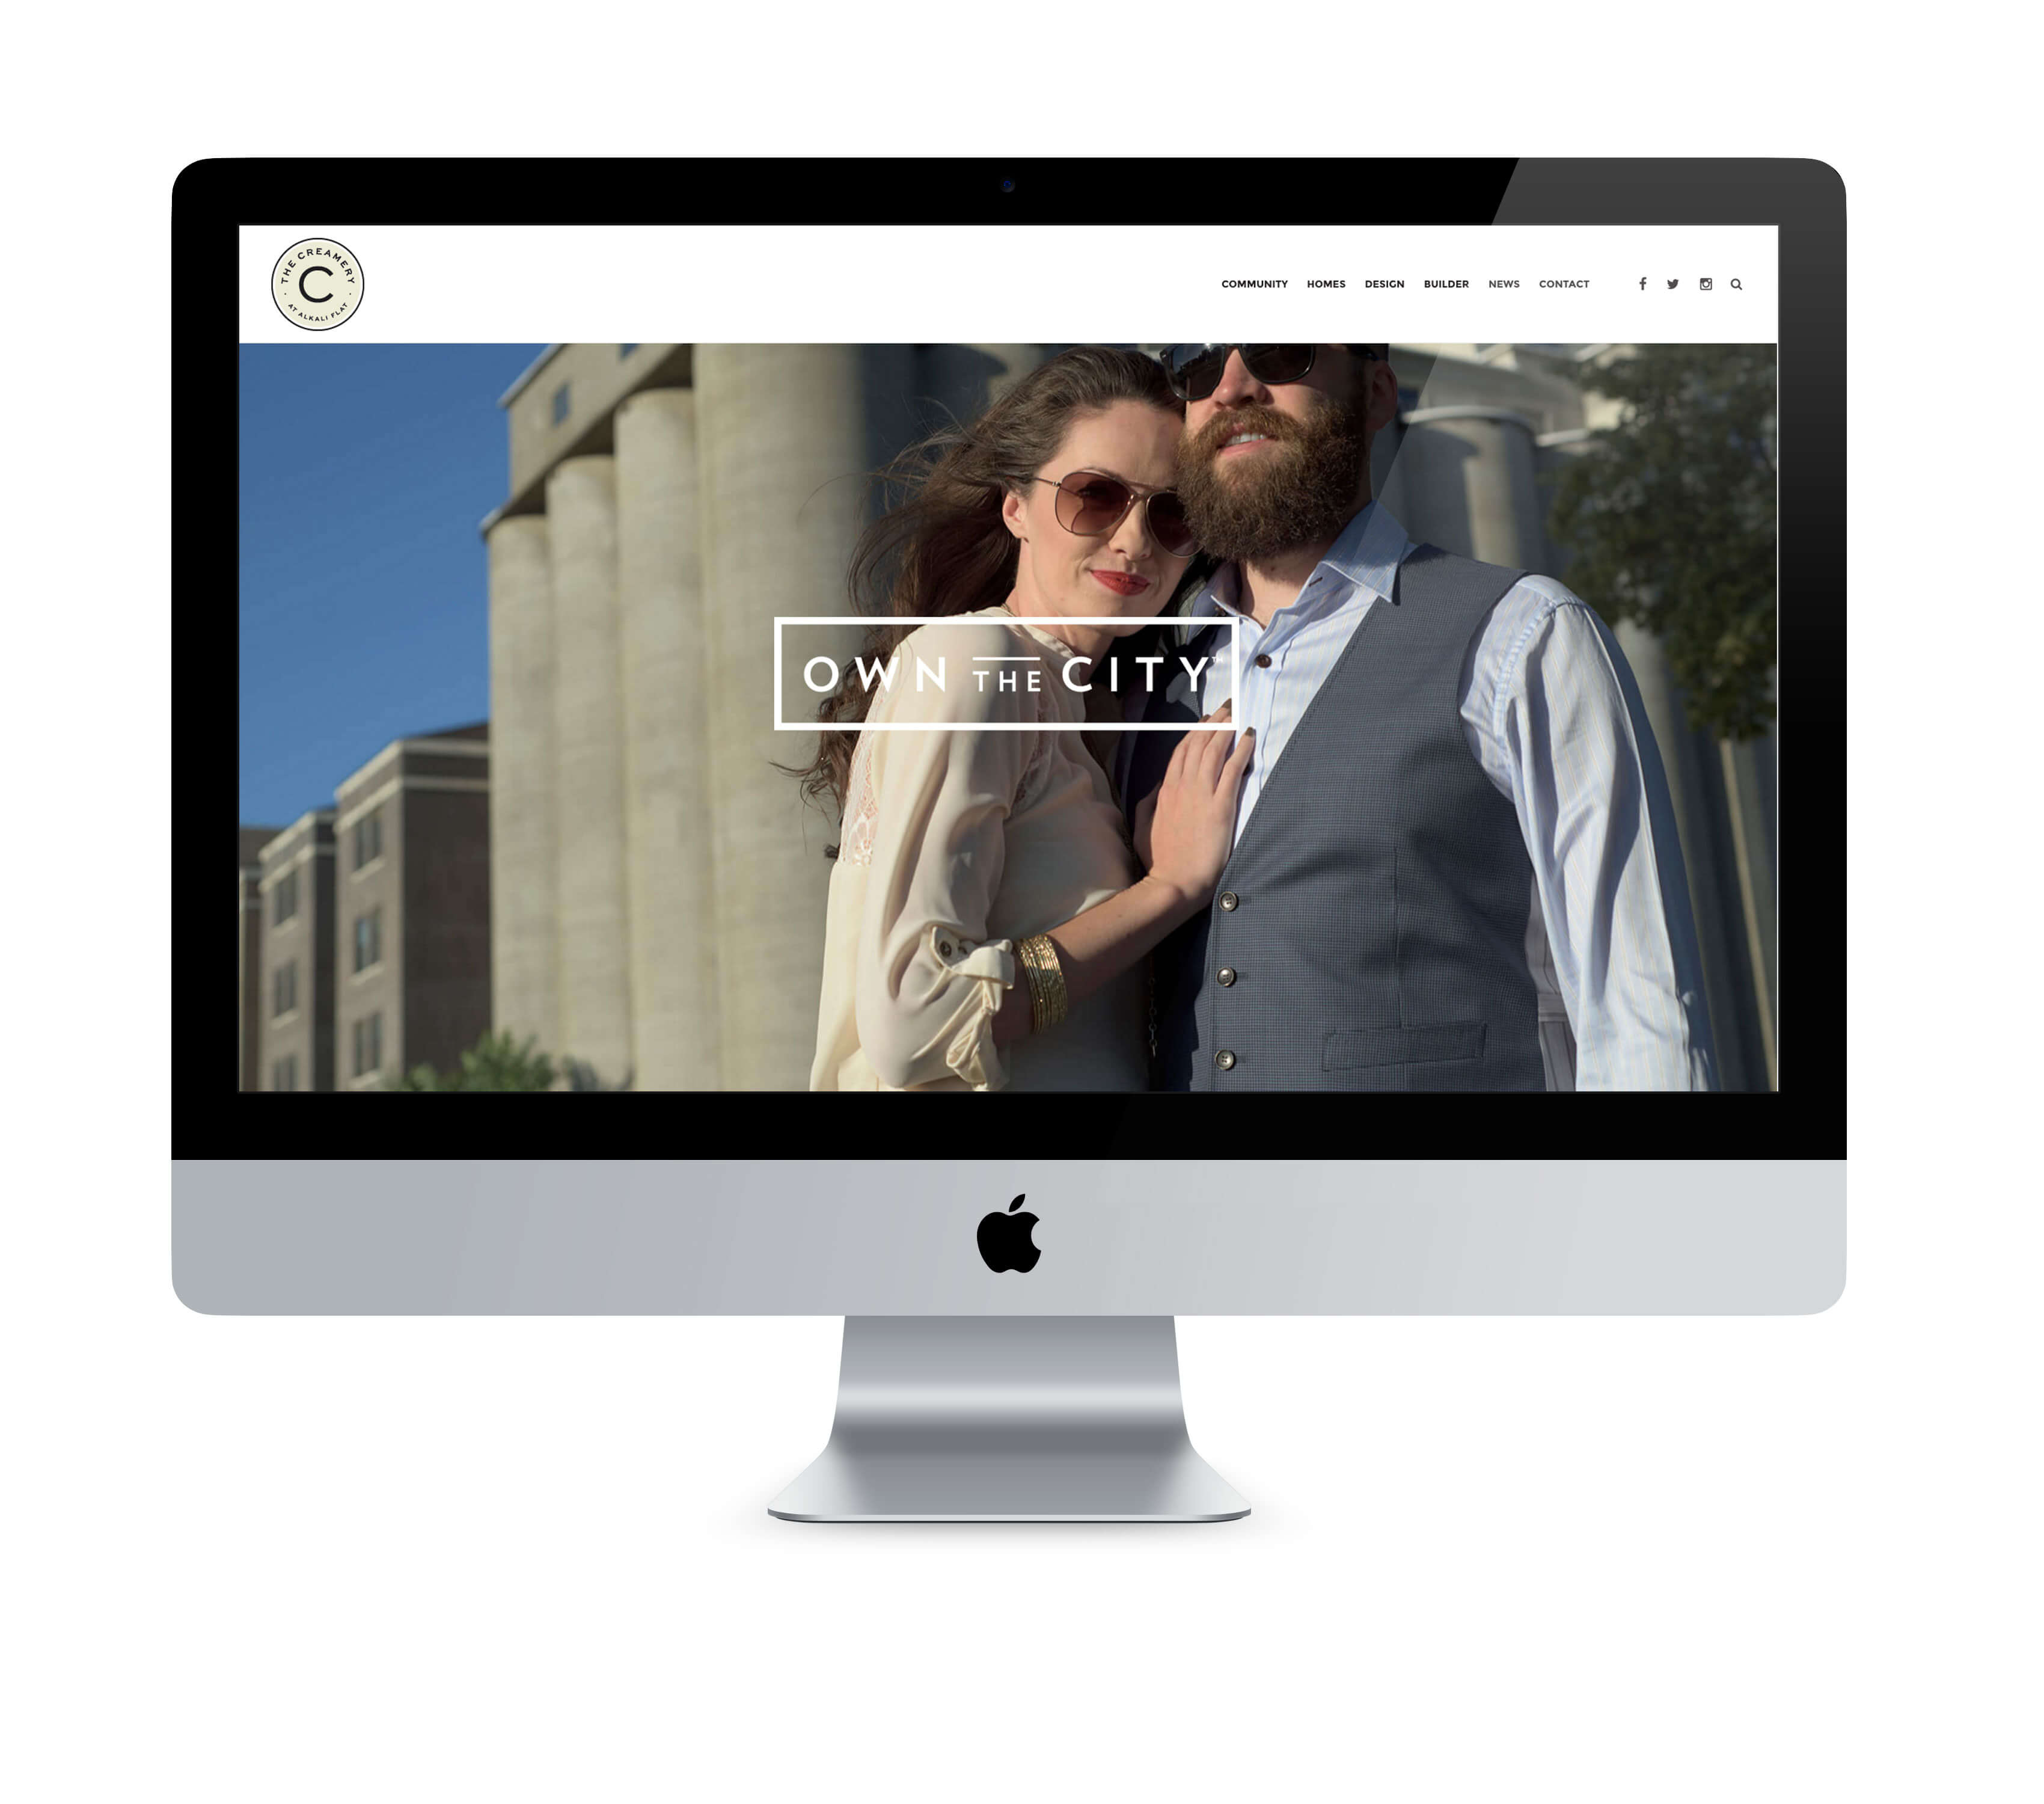 The Creamery Website